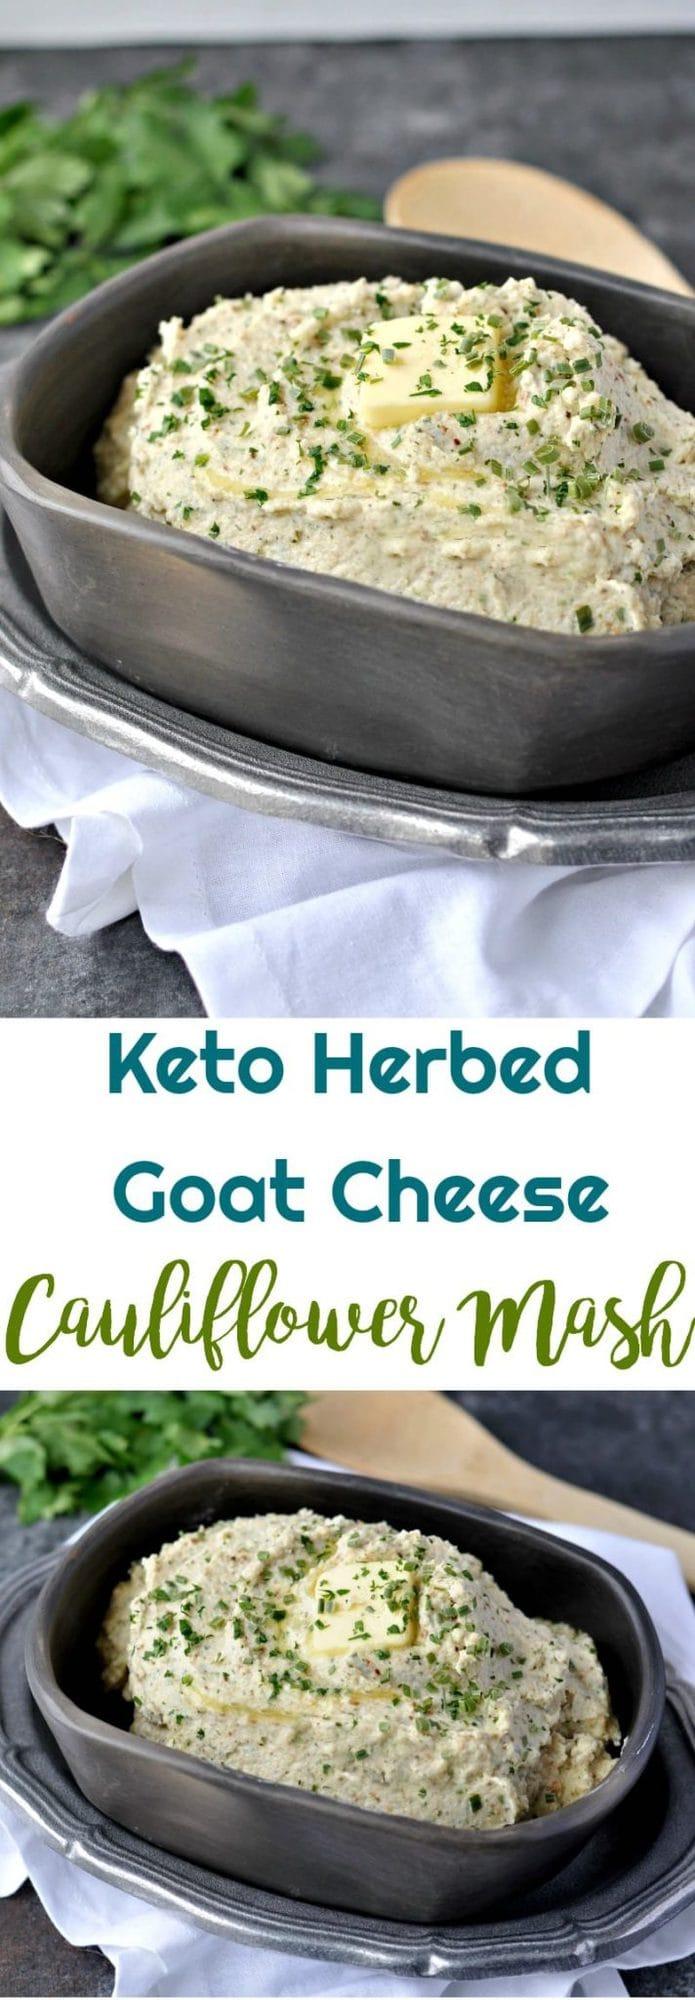 Keto Herbed Goat Cheese Cauliflower Mash    #lowcarbrecipes #keto #lowcarb #cauliflower #cauliflowermash